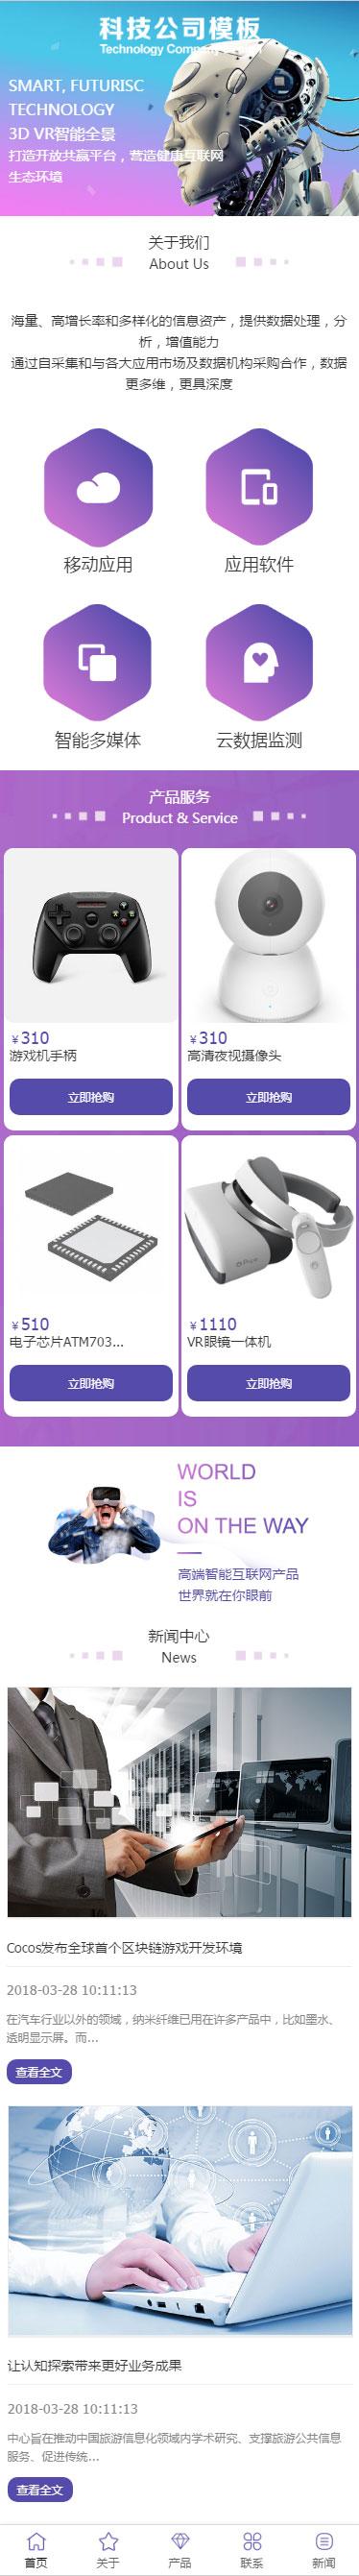 科技公司展示小程序模板